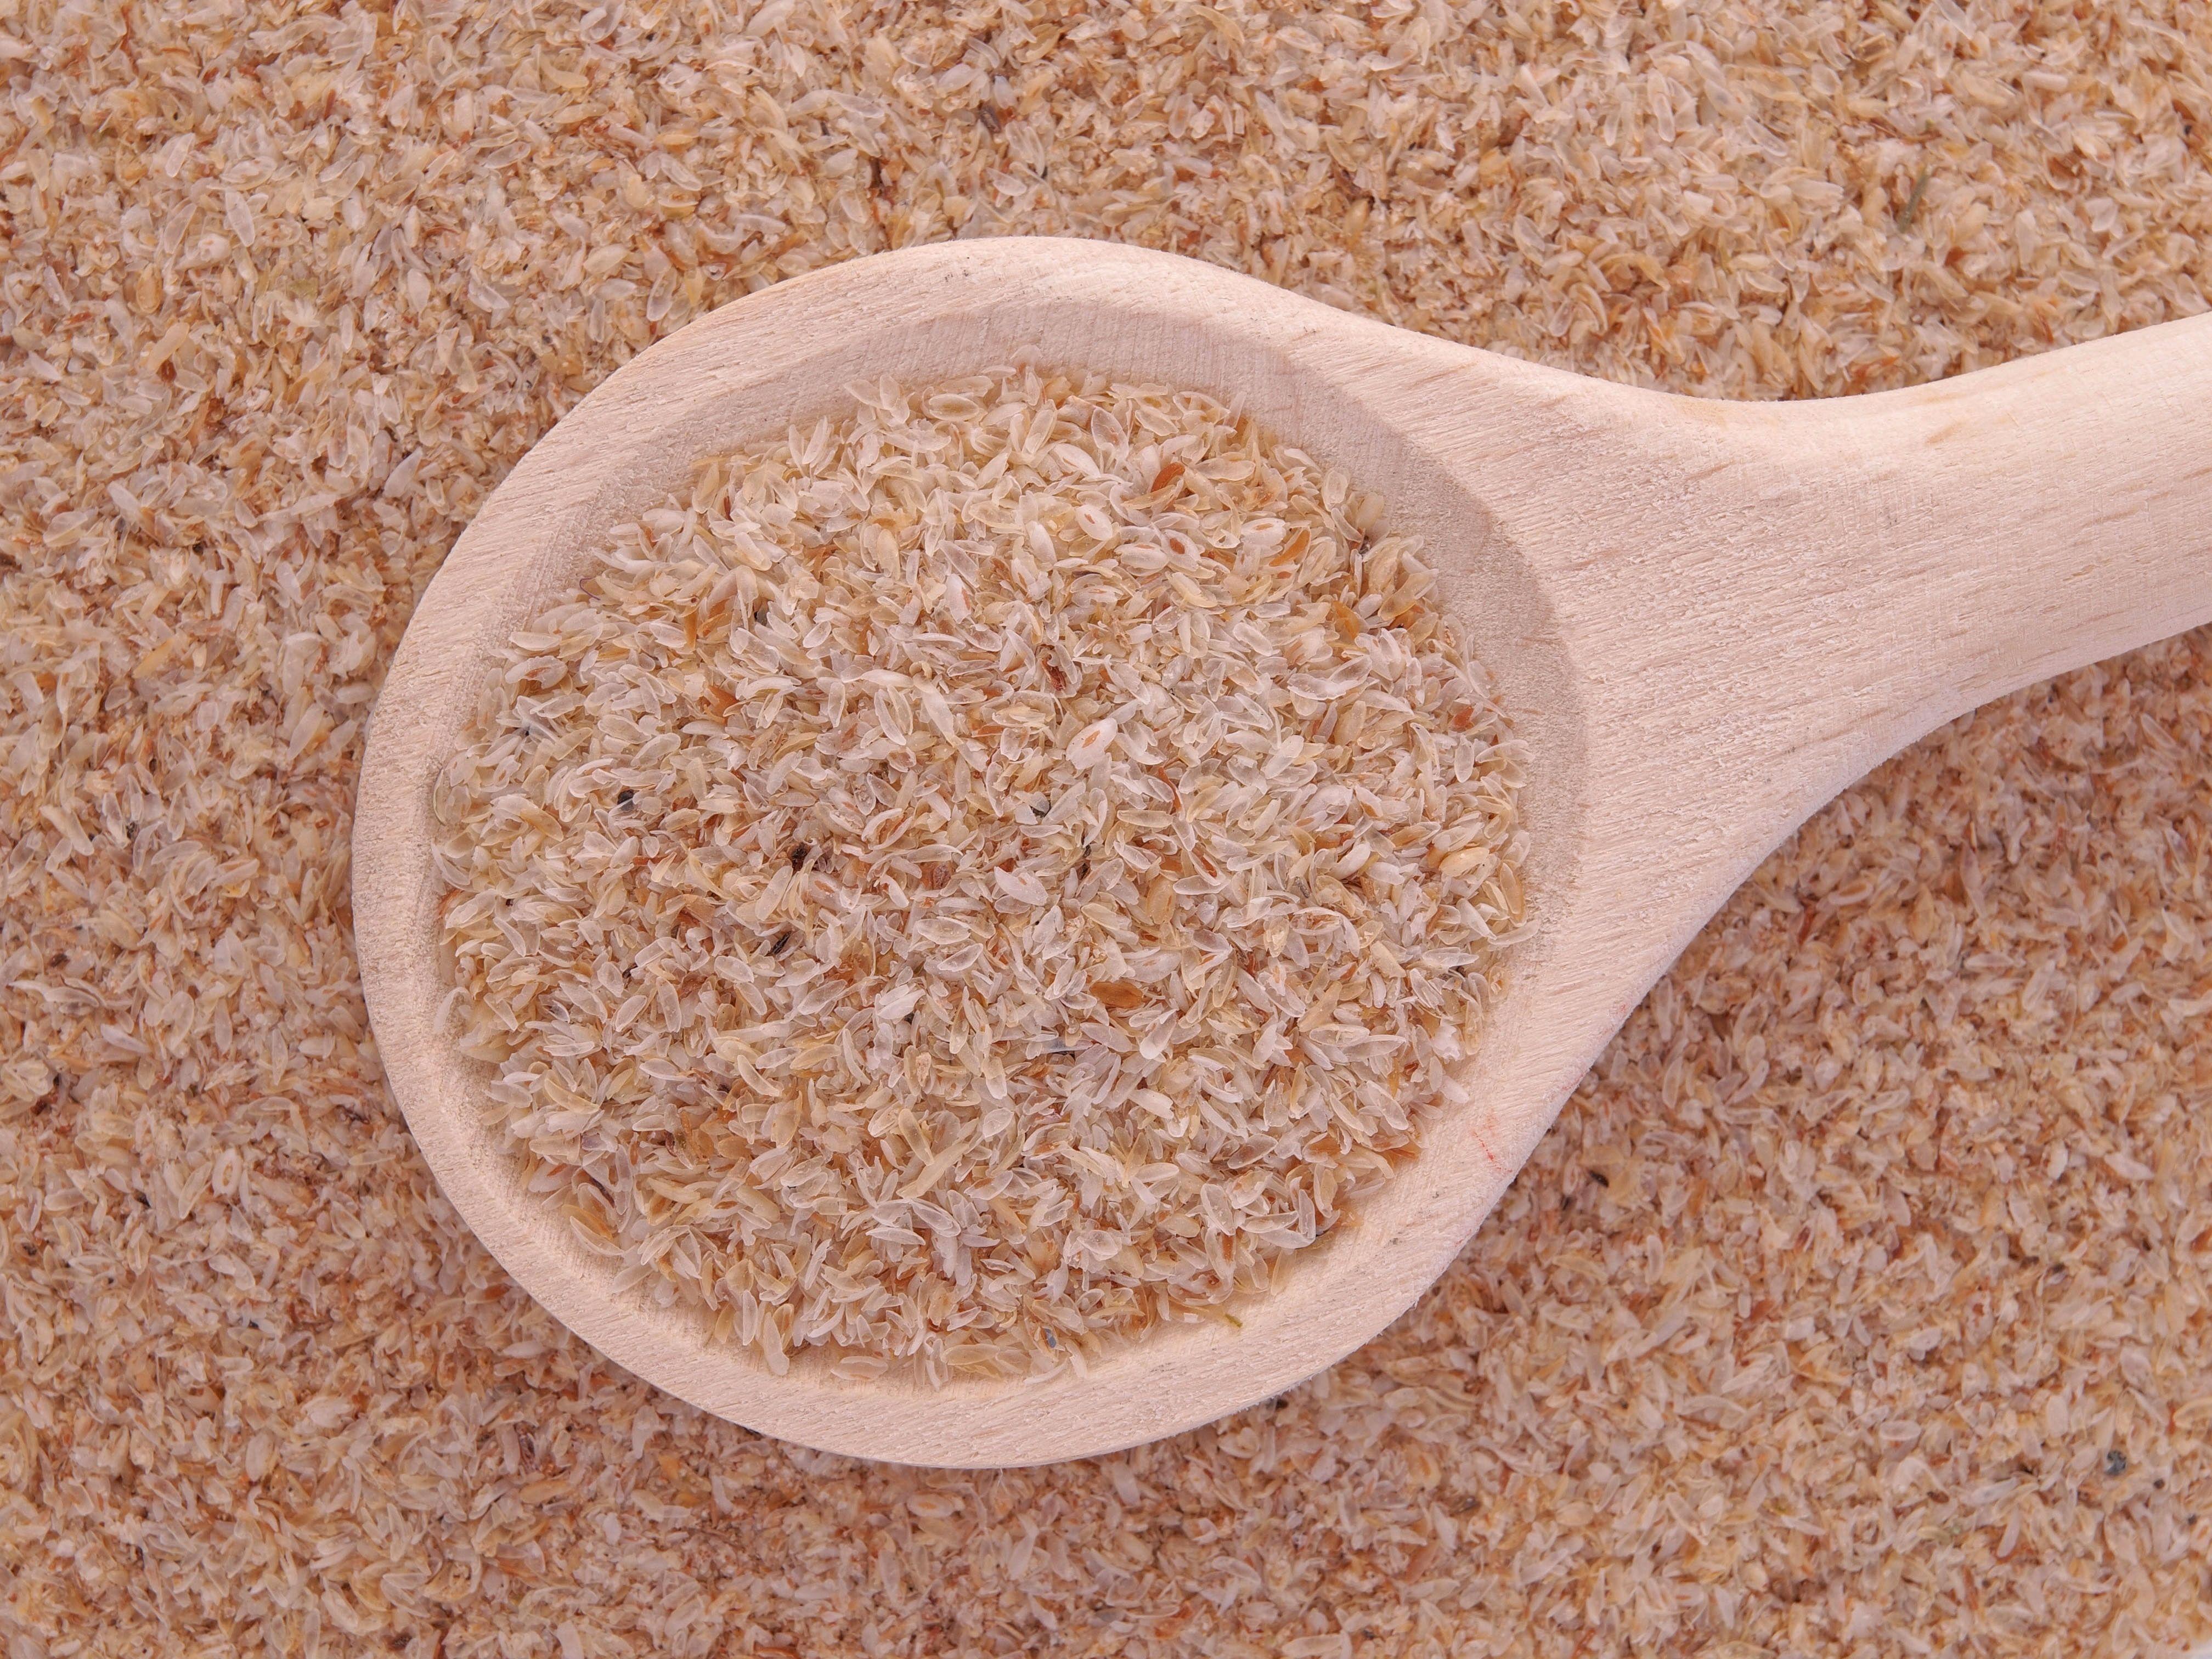 psyllium husk powder low carb diet